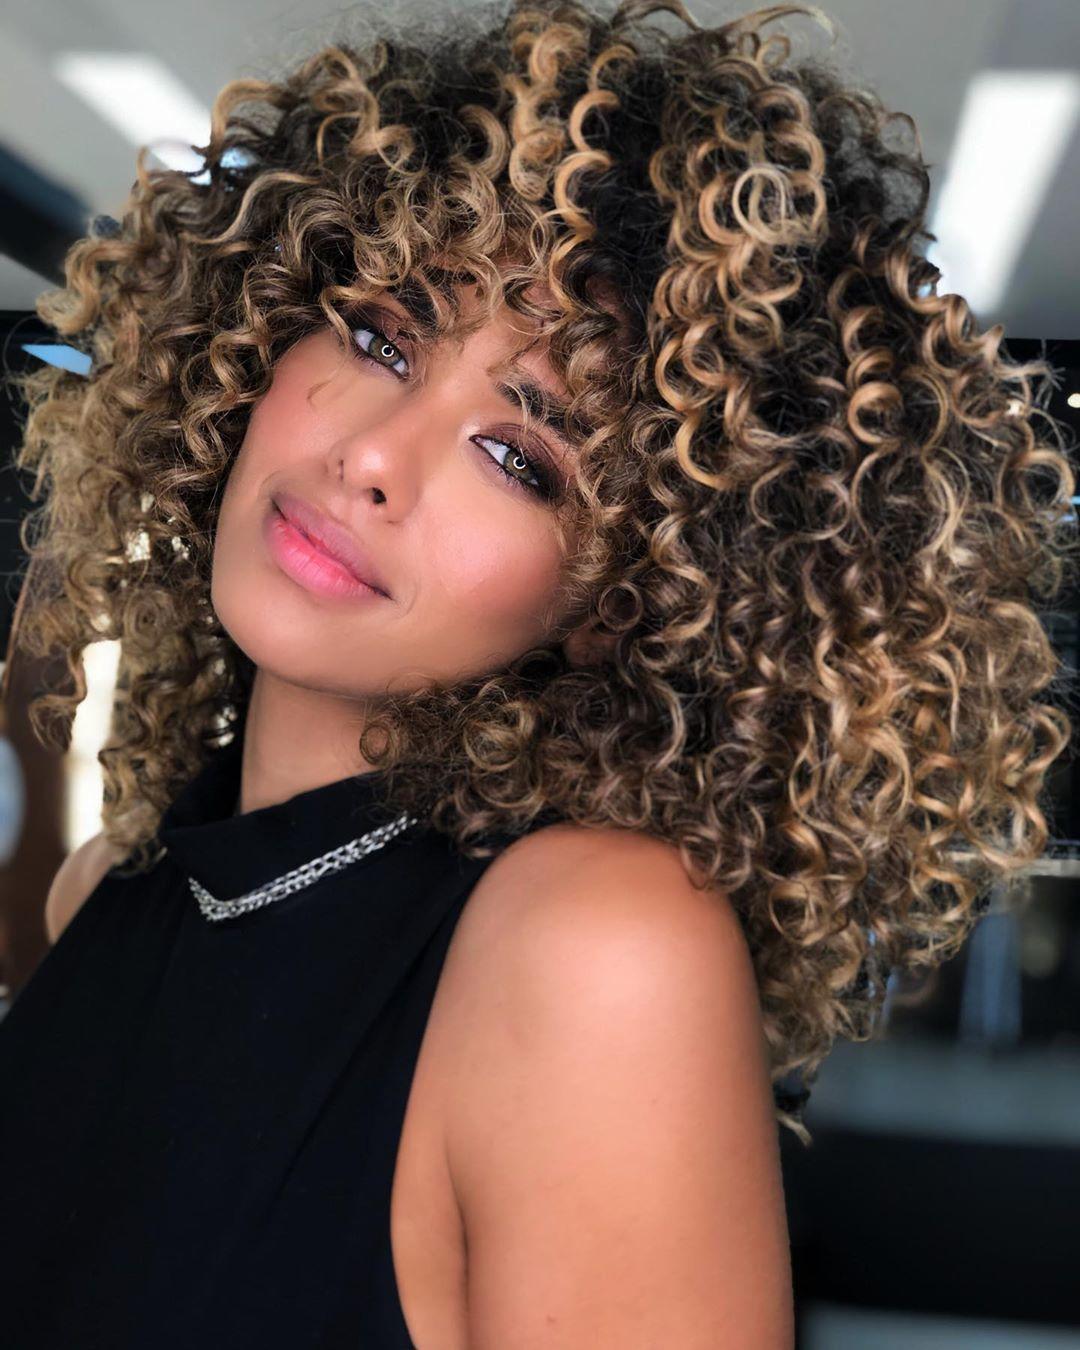 Femme aux cheveux bouclés naturels avec des reflets caramel